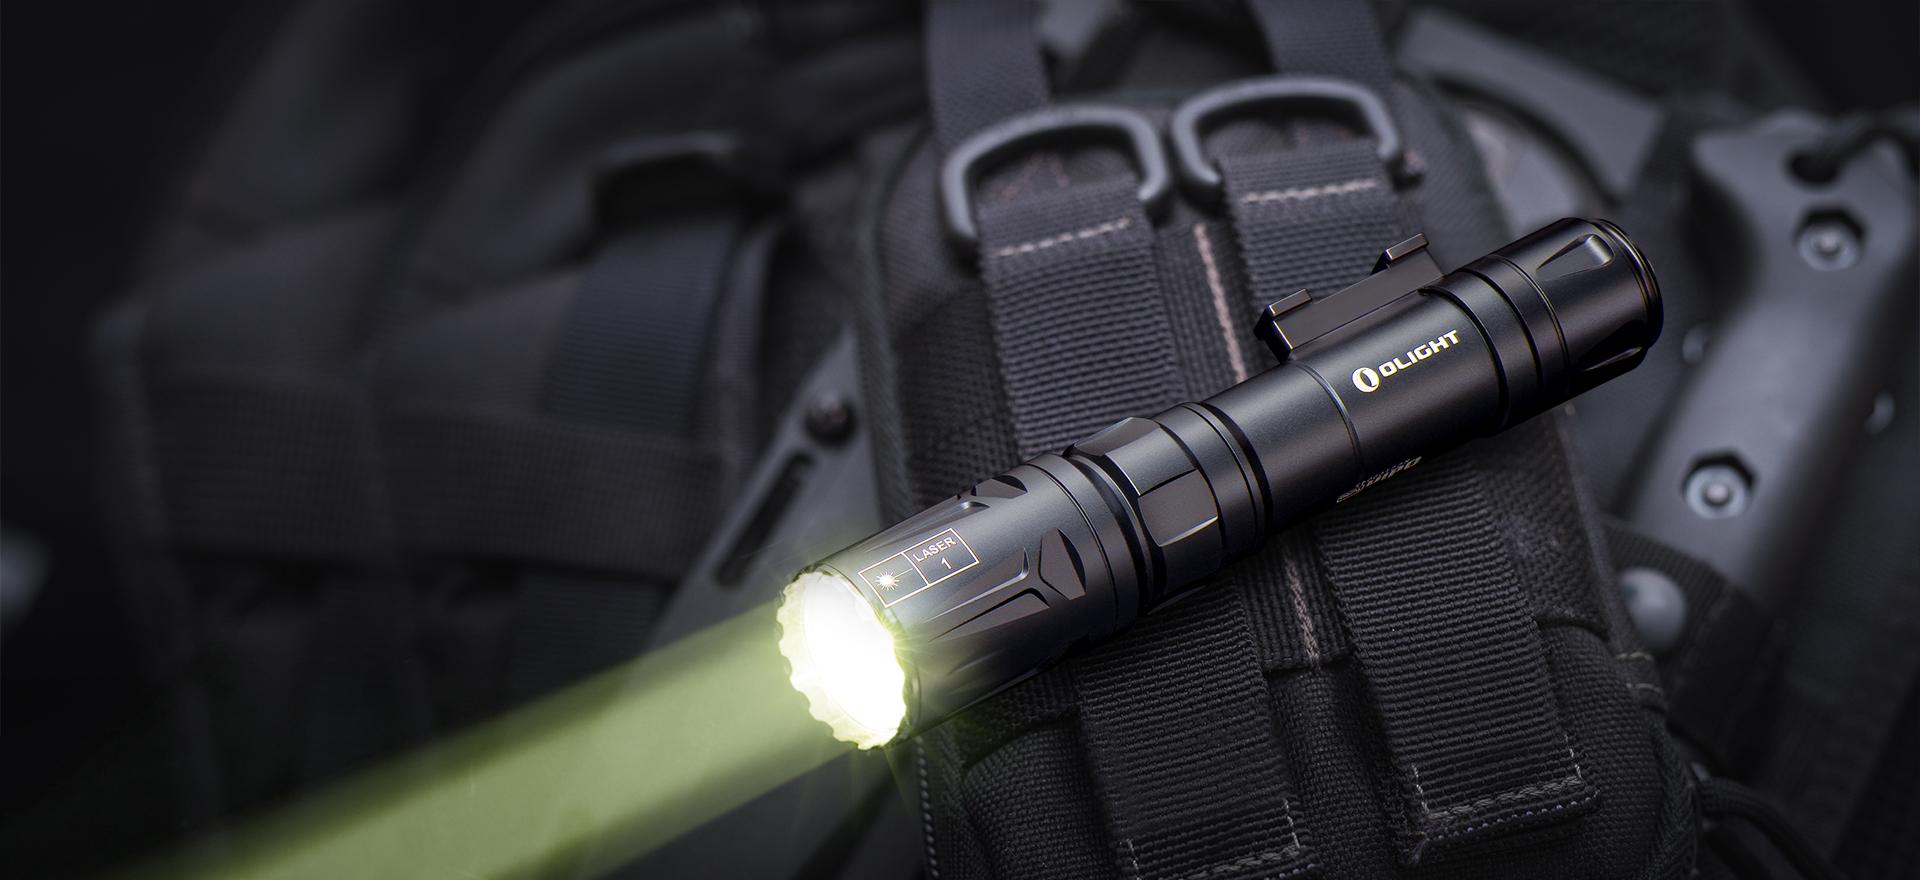 odin turboに搭載された新世代の照明技術「LEP」ってなに?